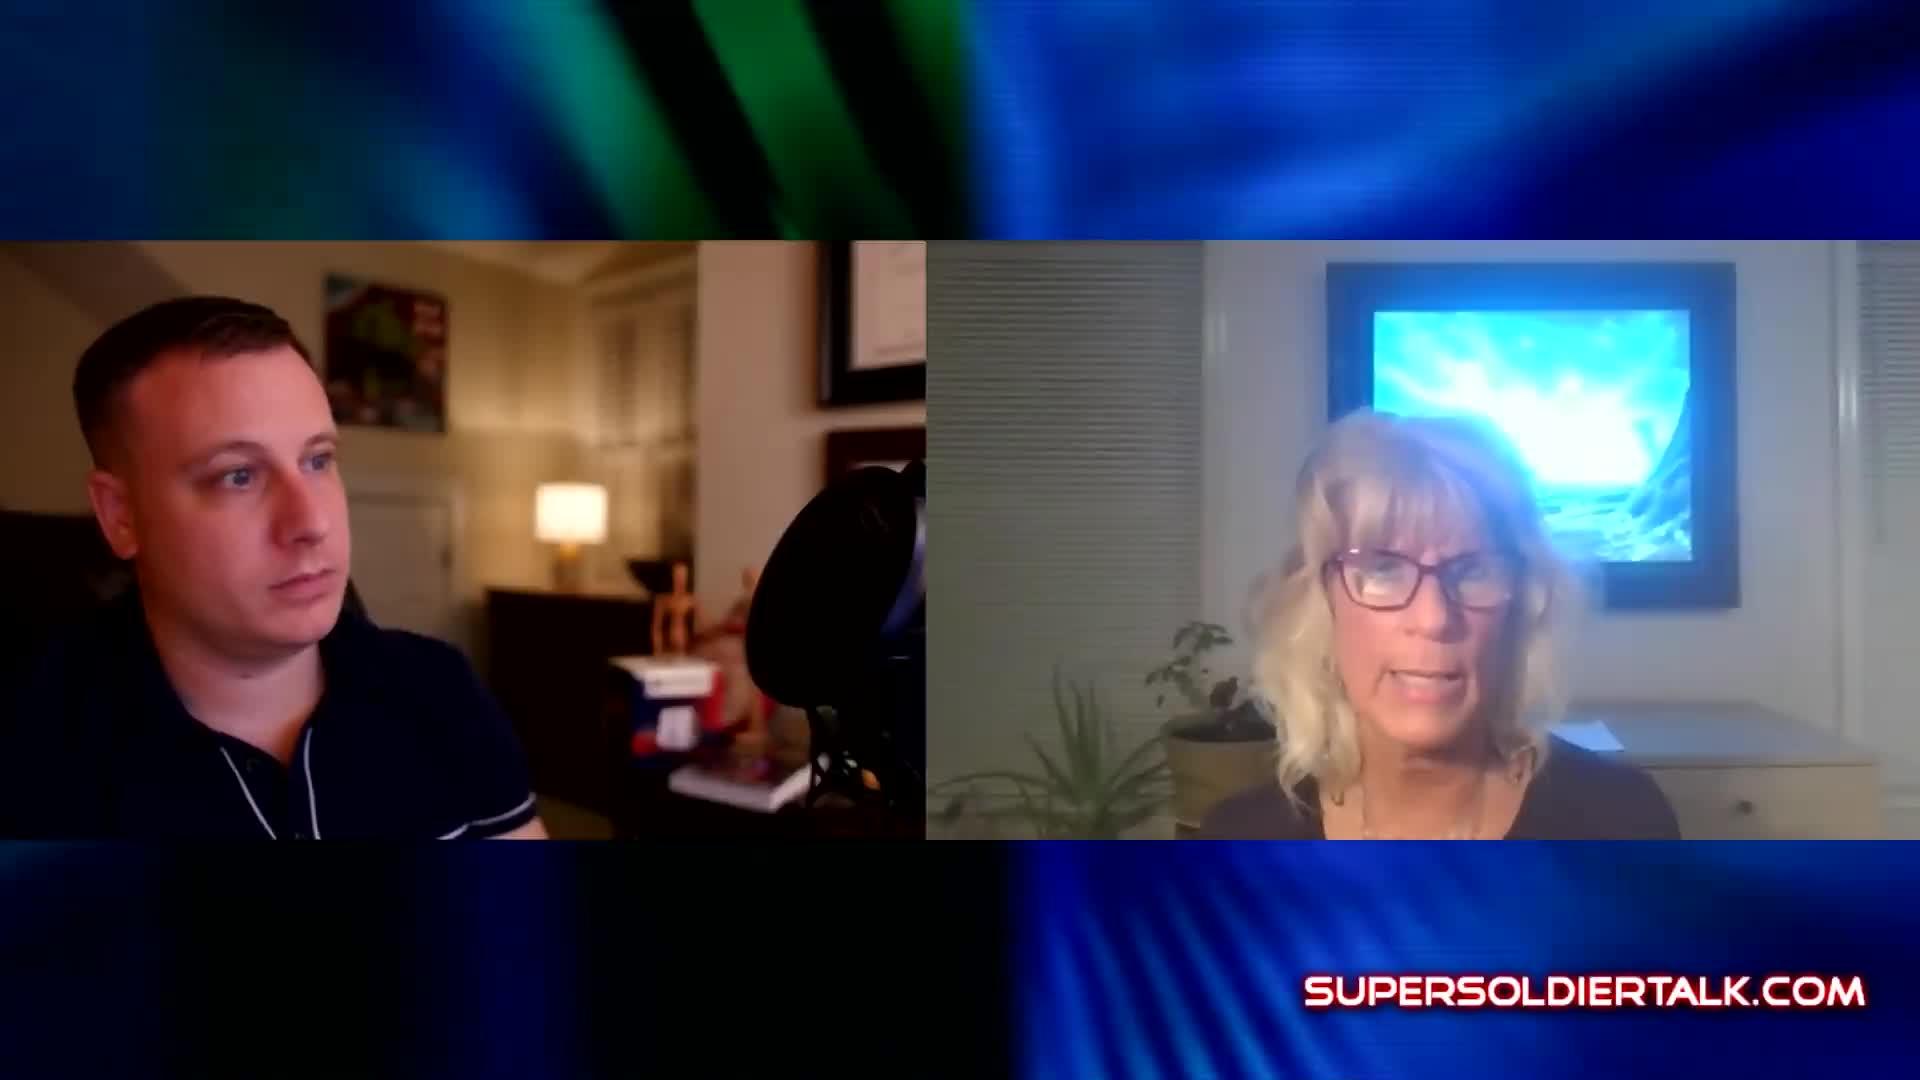 Super Soldier Talk – Annie Blu 50 Years SSP Surpasser